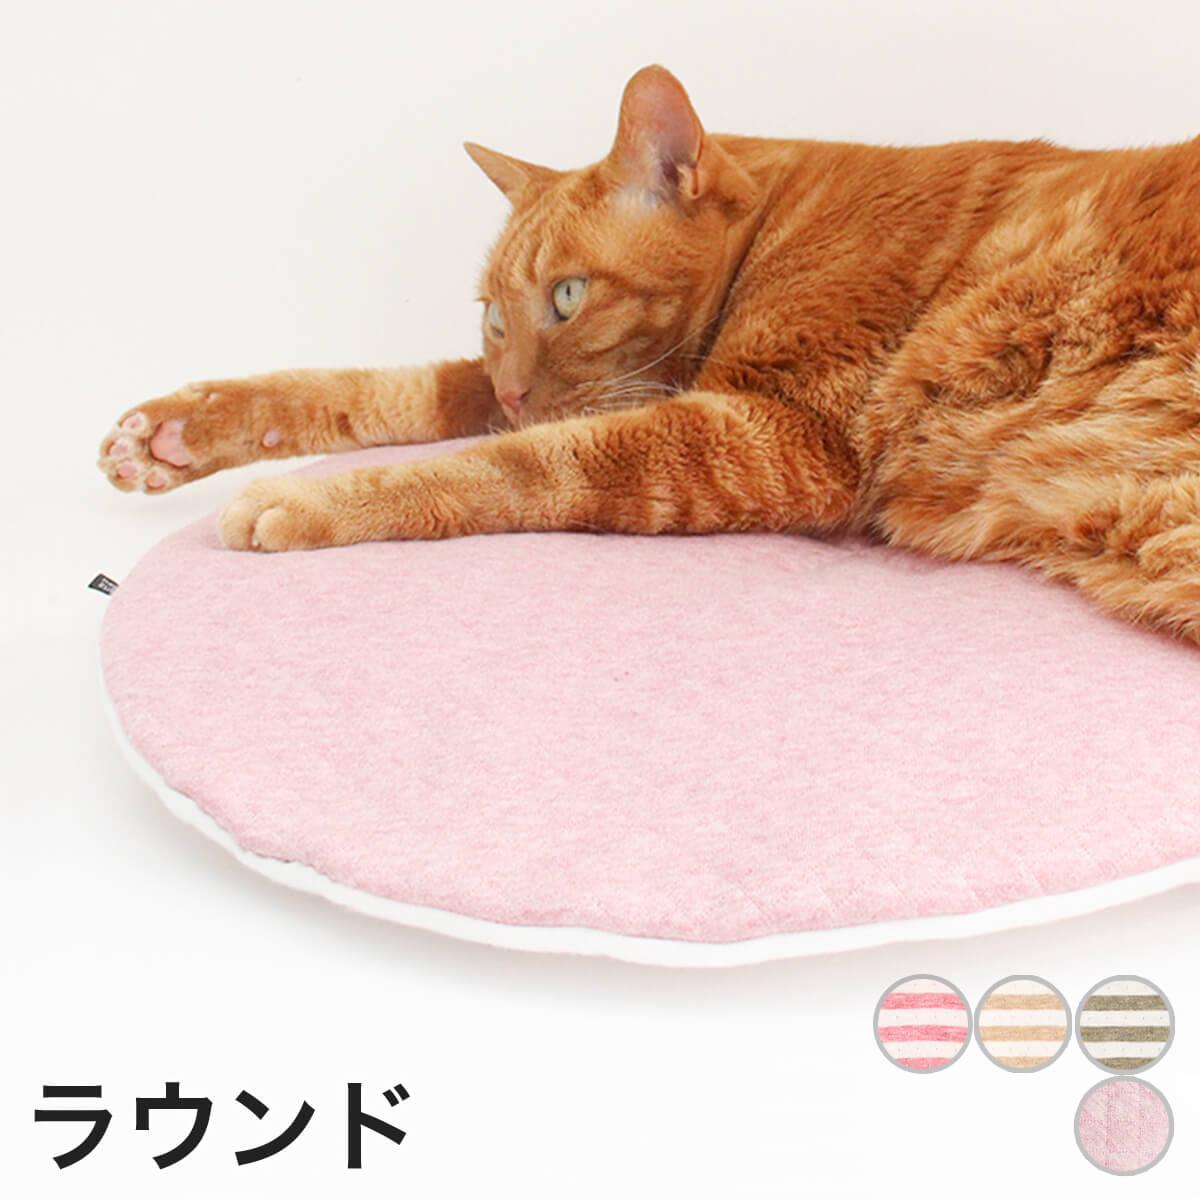 オーガニックコットン使用のリバーシブルマット キャリーのクッションにもおすすめ 岩手の職人手作り 直径450mm 大規模セール マット 猫 ozabu 日本製 おざぶ ラウンド NEW ベッド